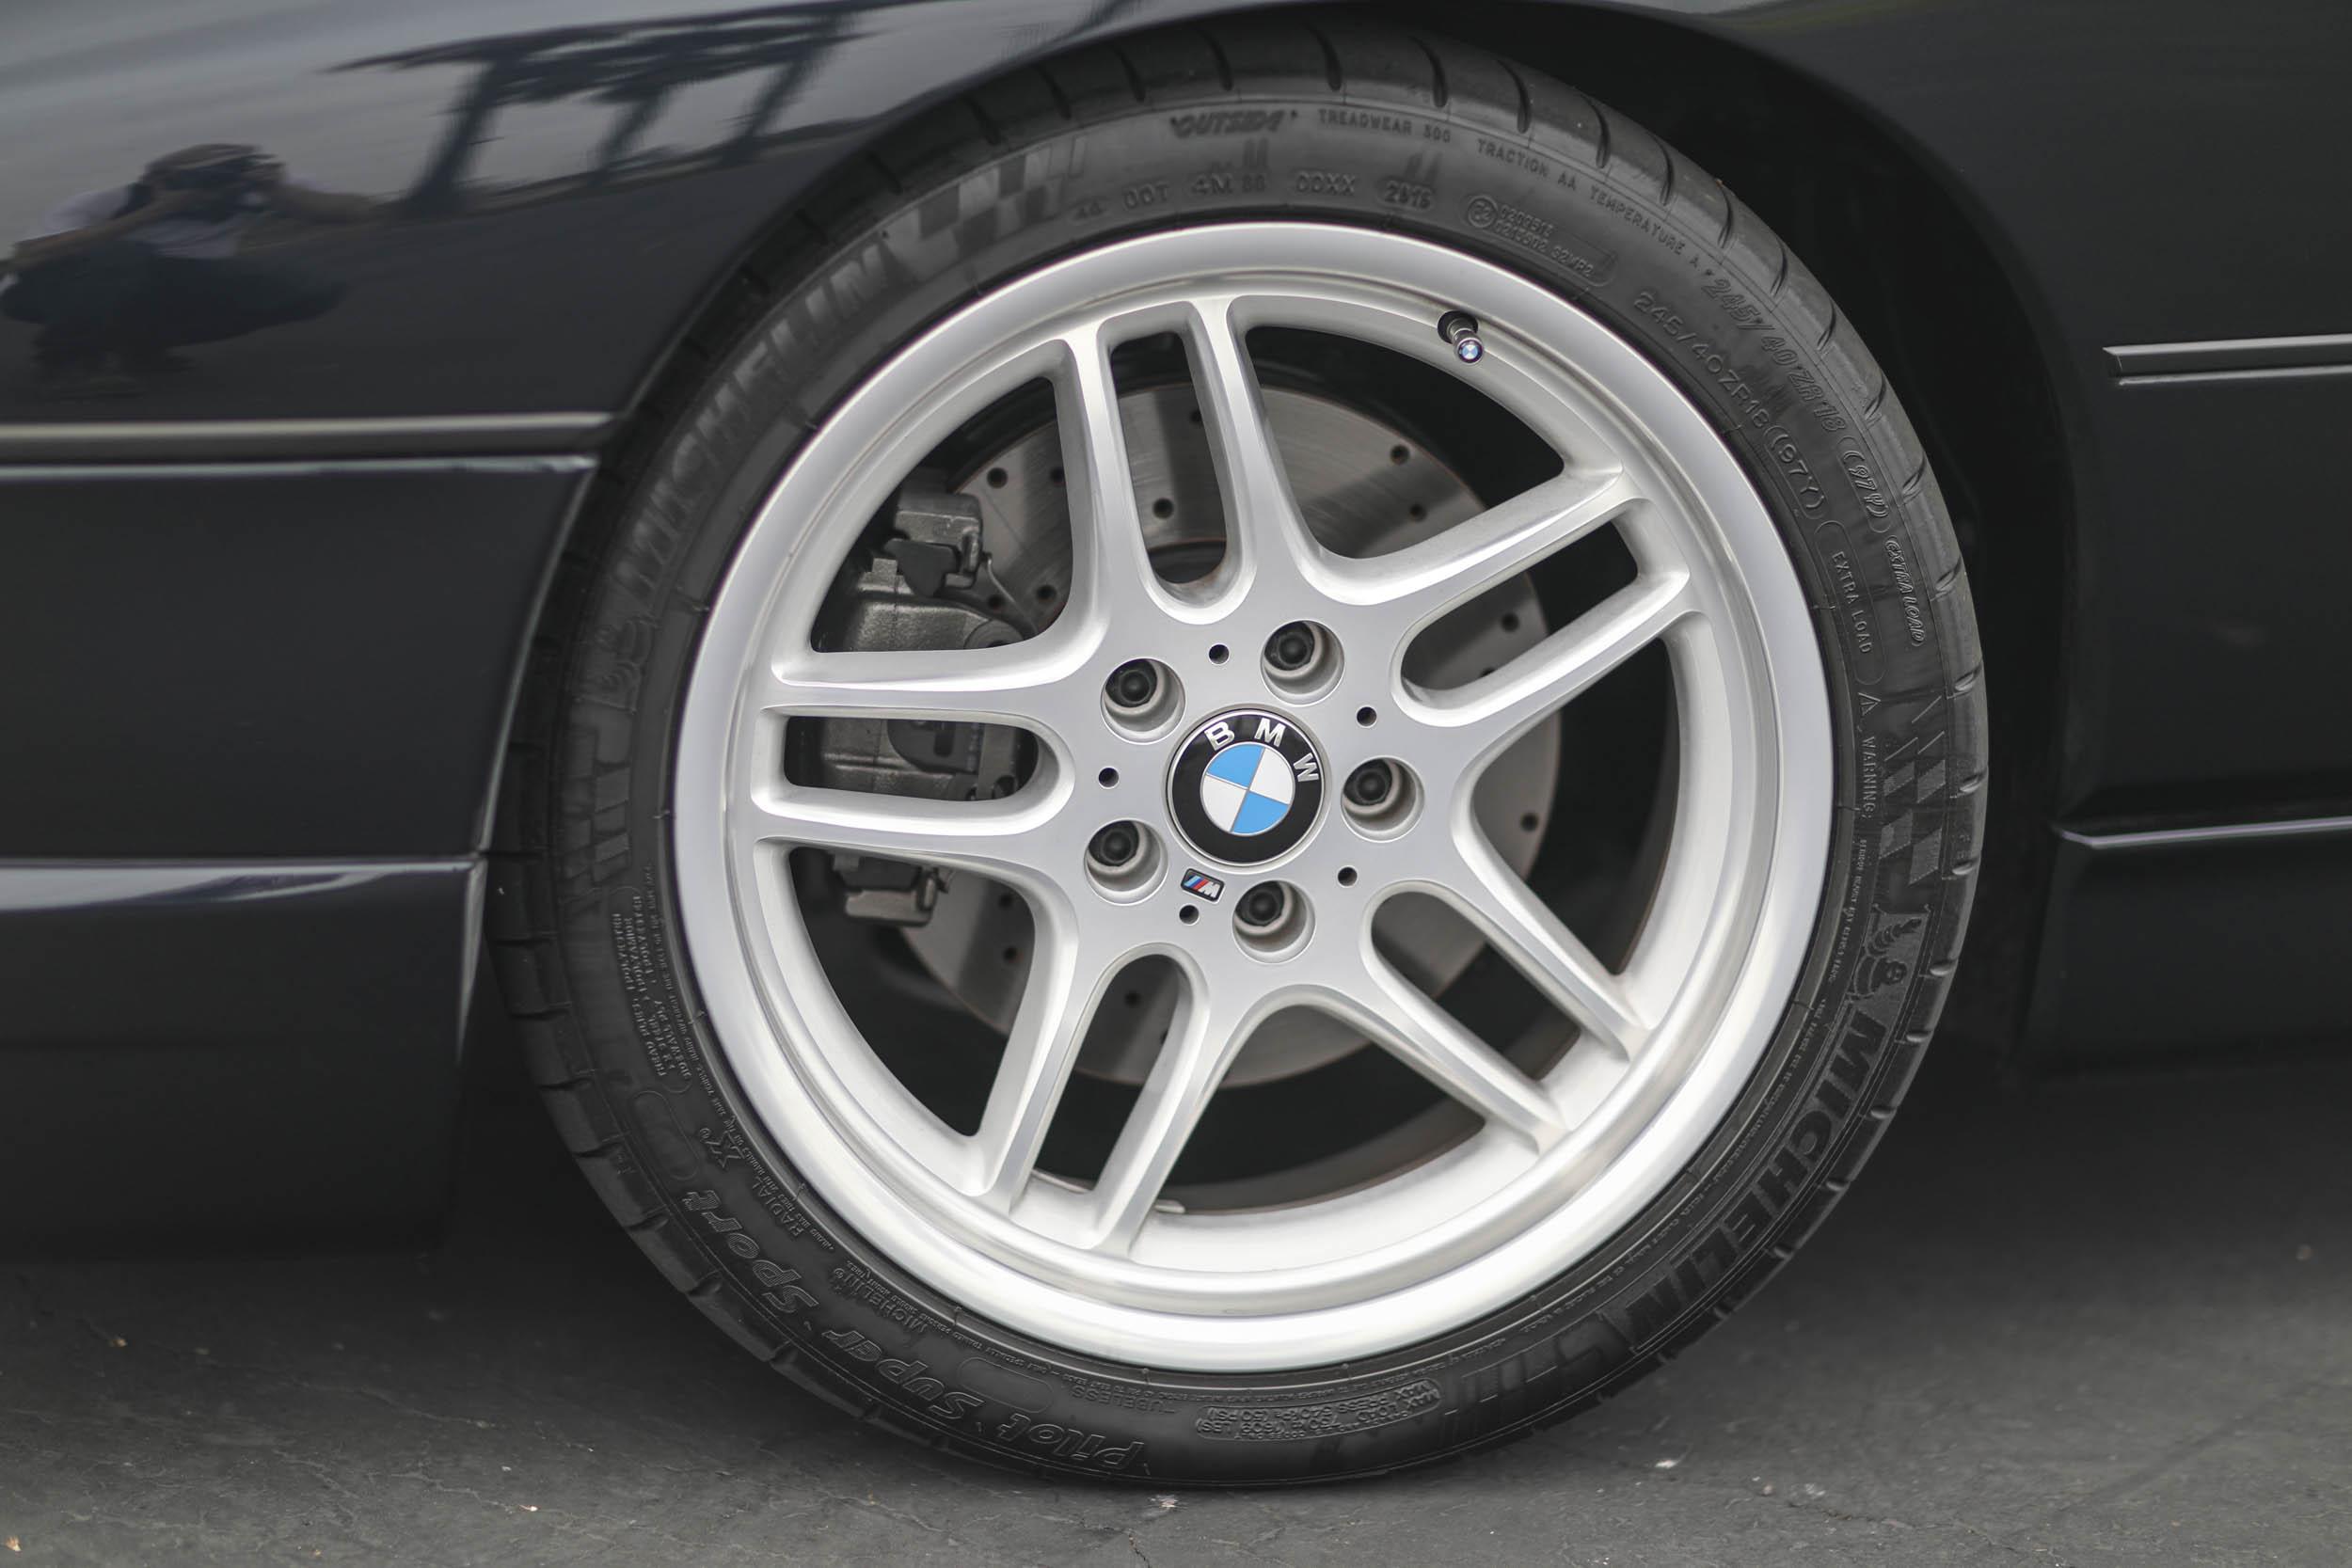 1993 BMW 850Ci wheel detail